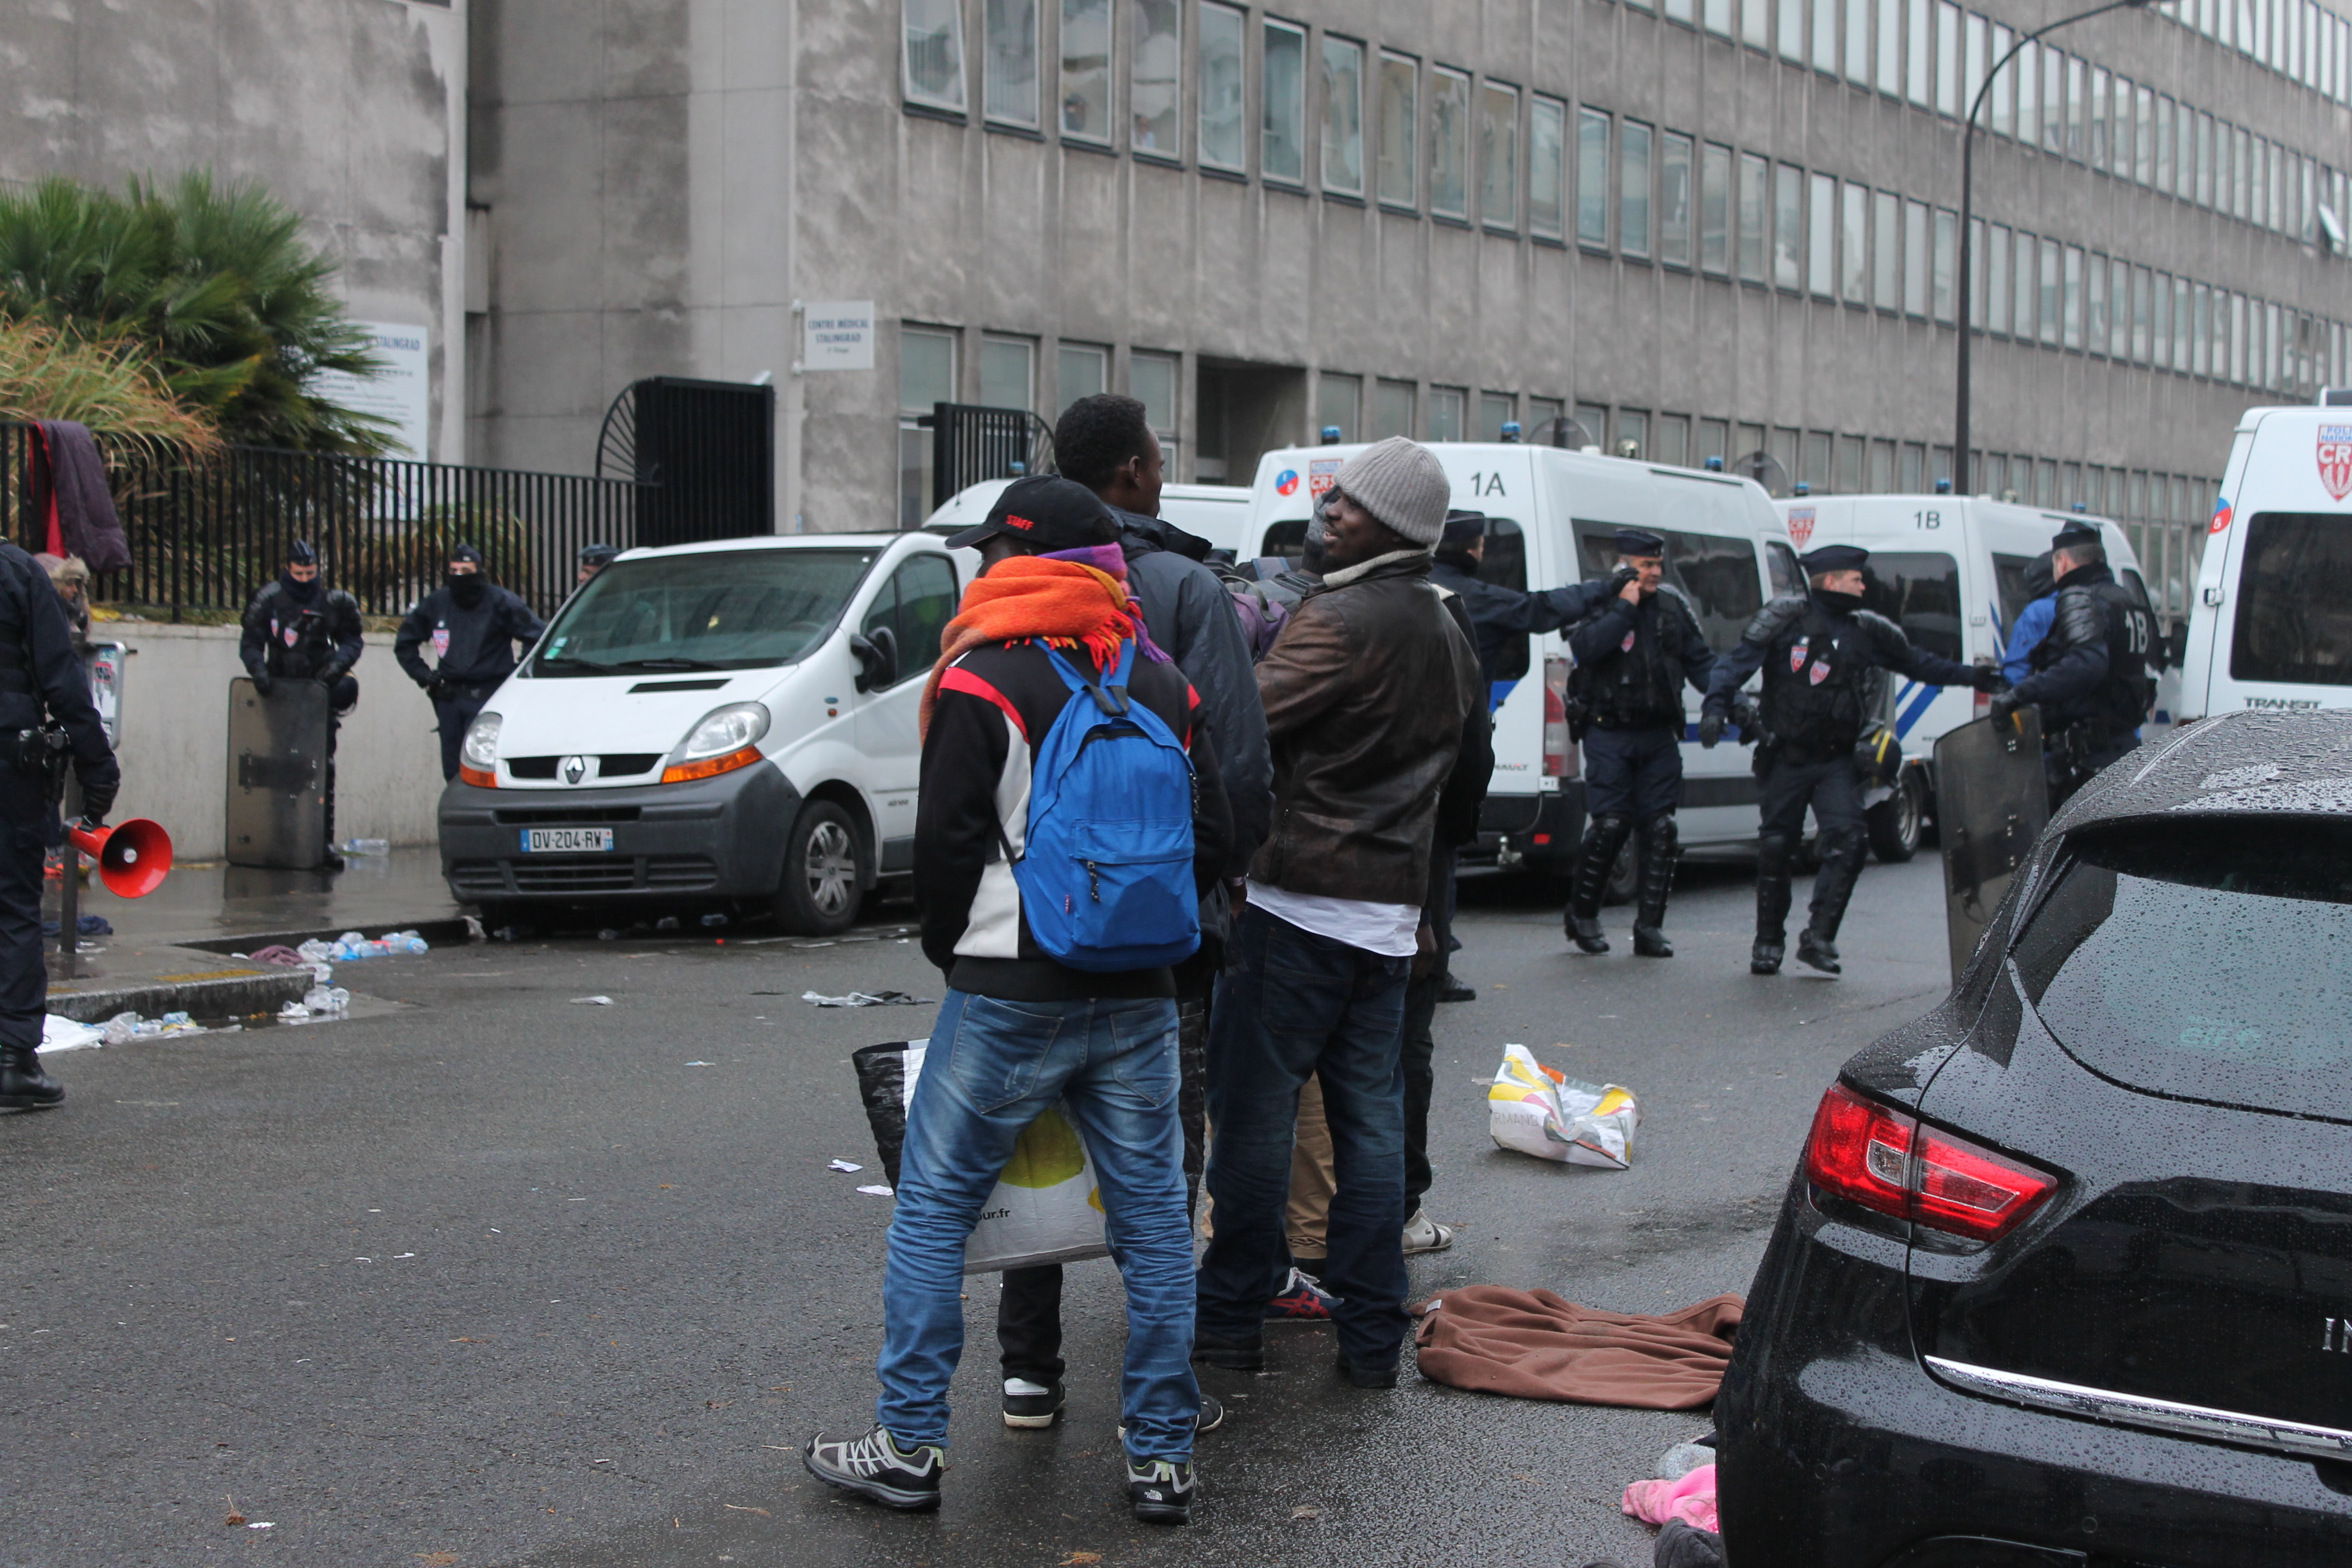 evacuazione-migranti-stalingrado-4-novembre-17